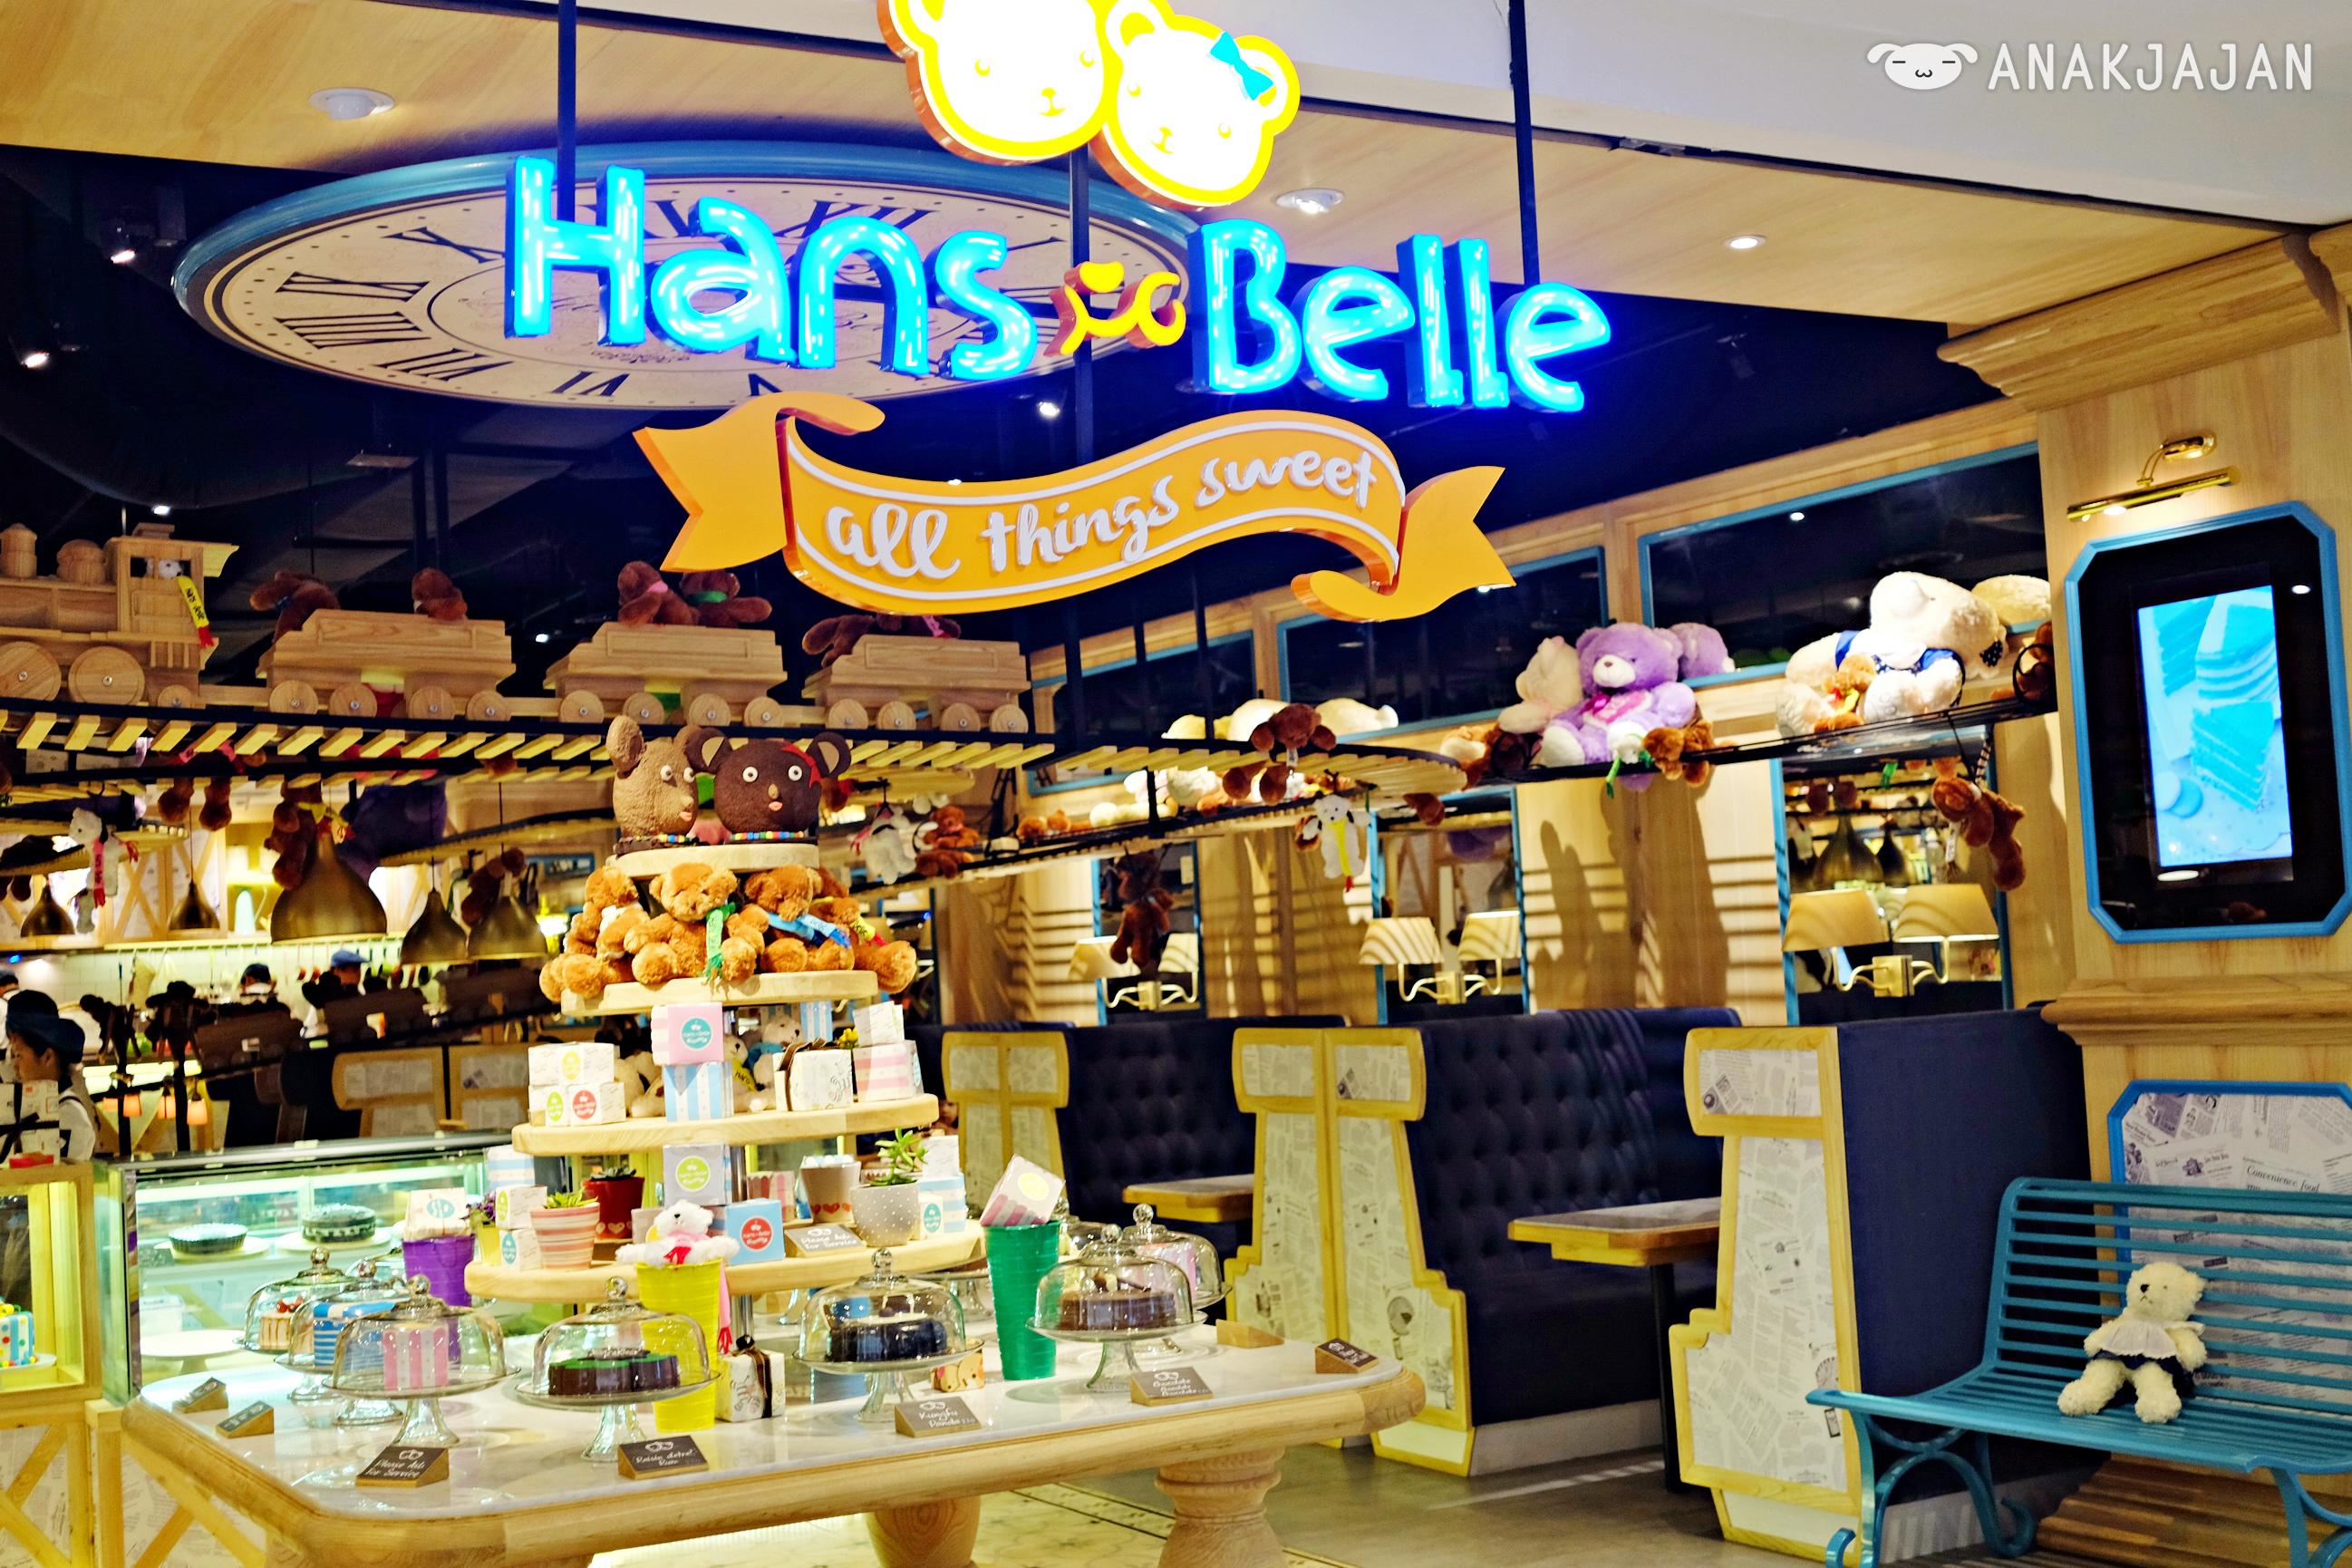 Hans Amp Belle All Things Sweet